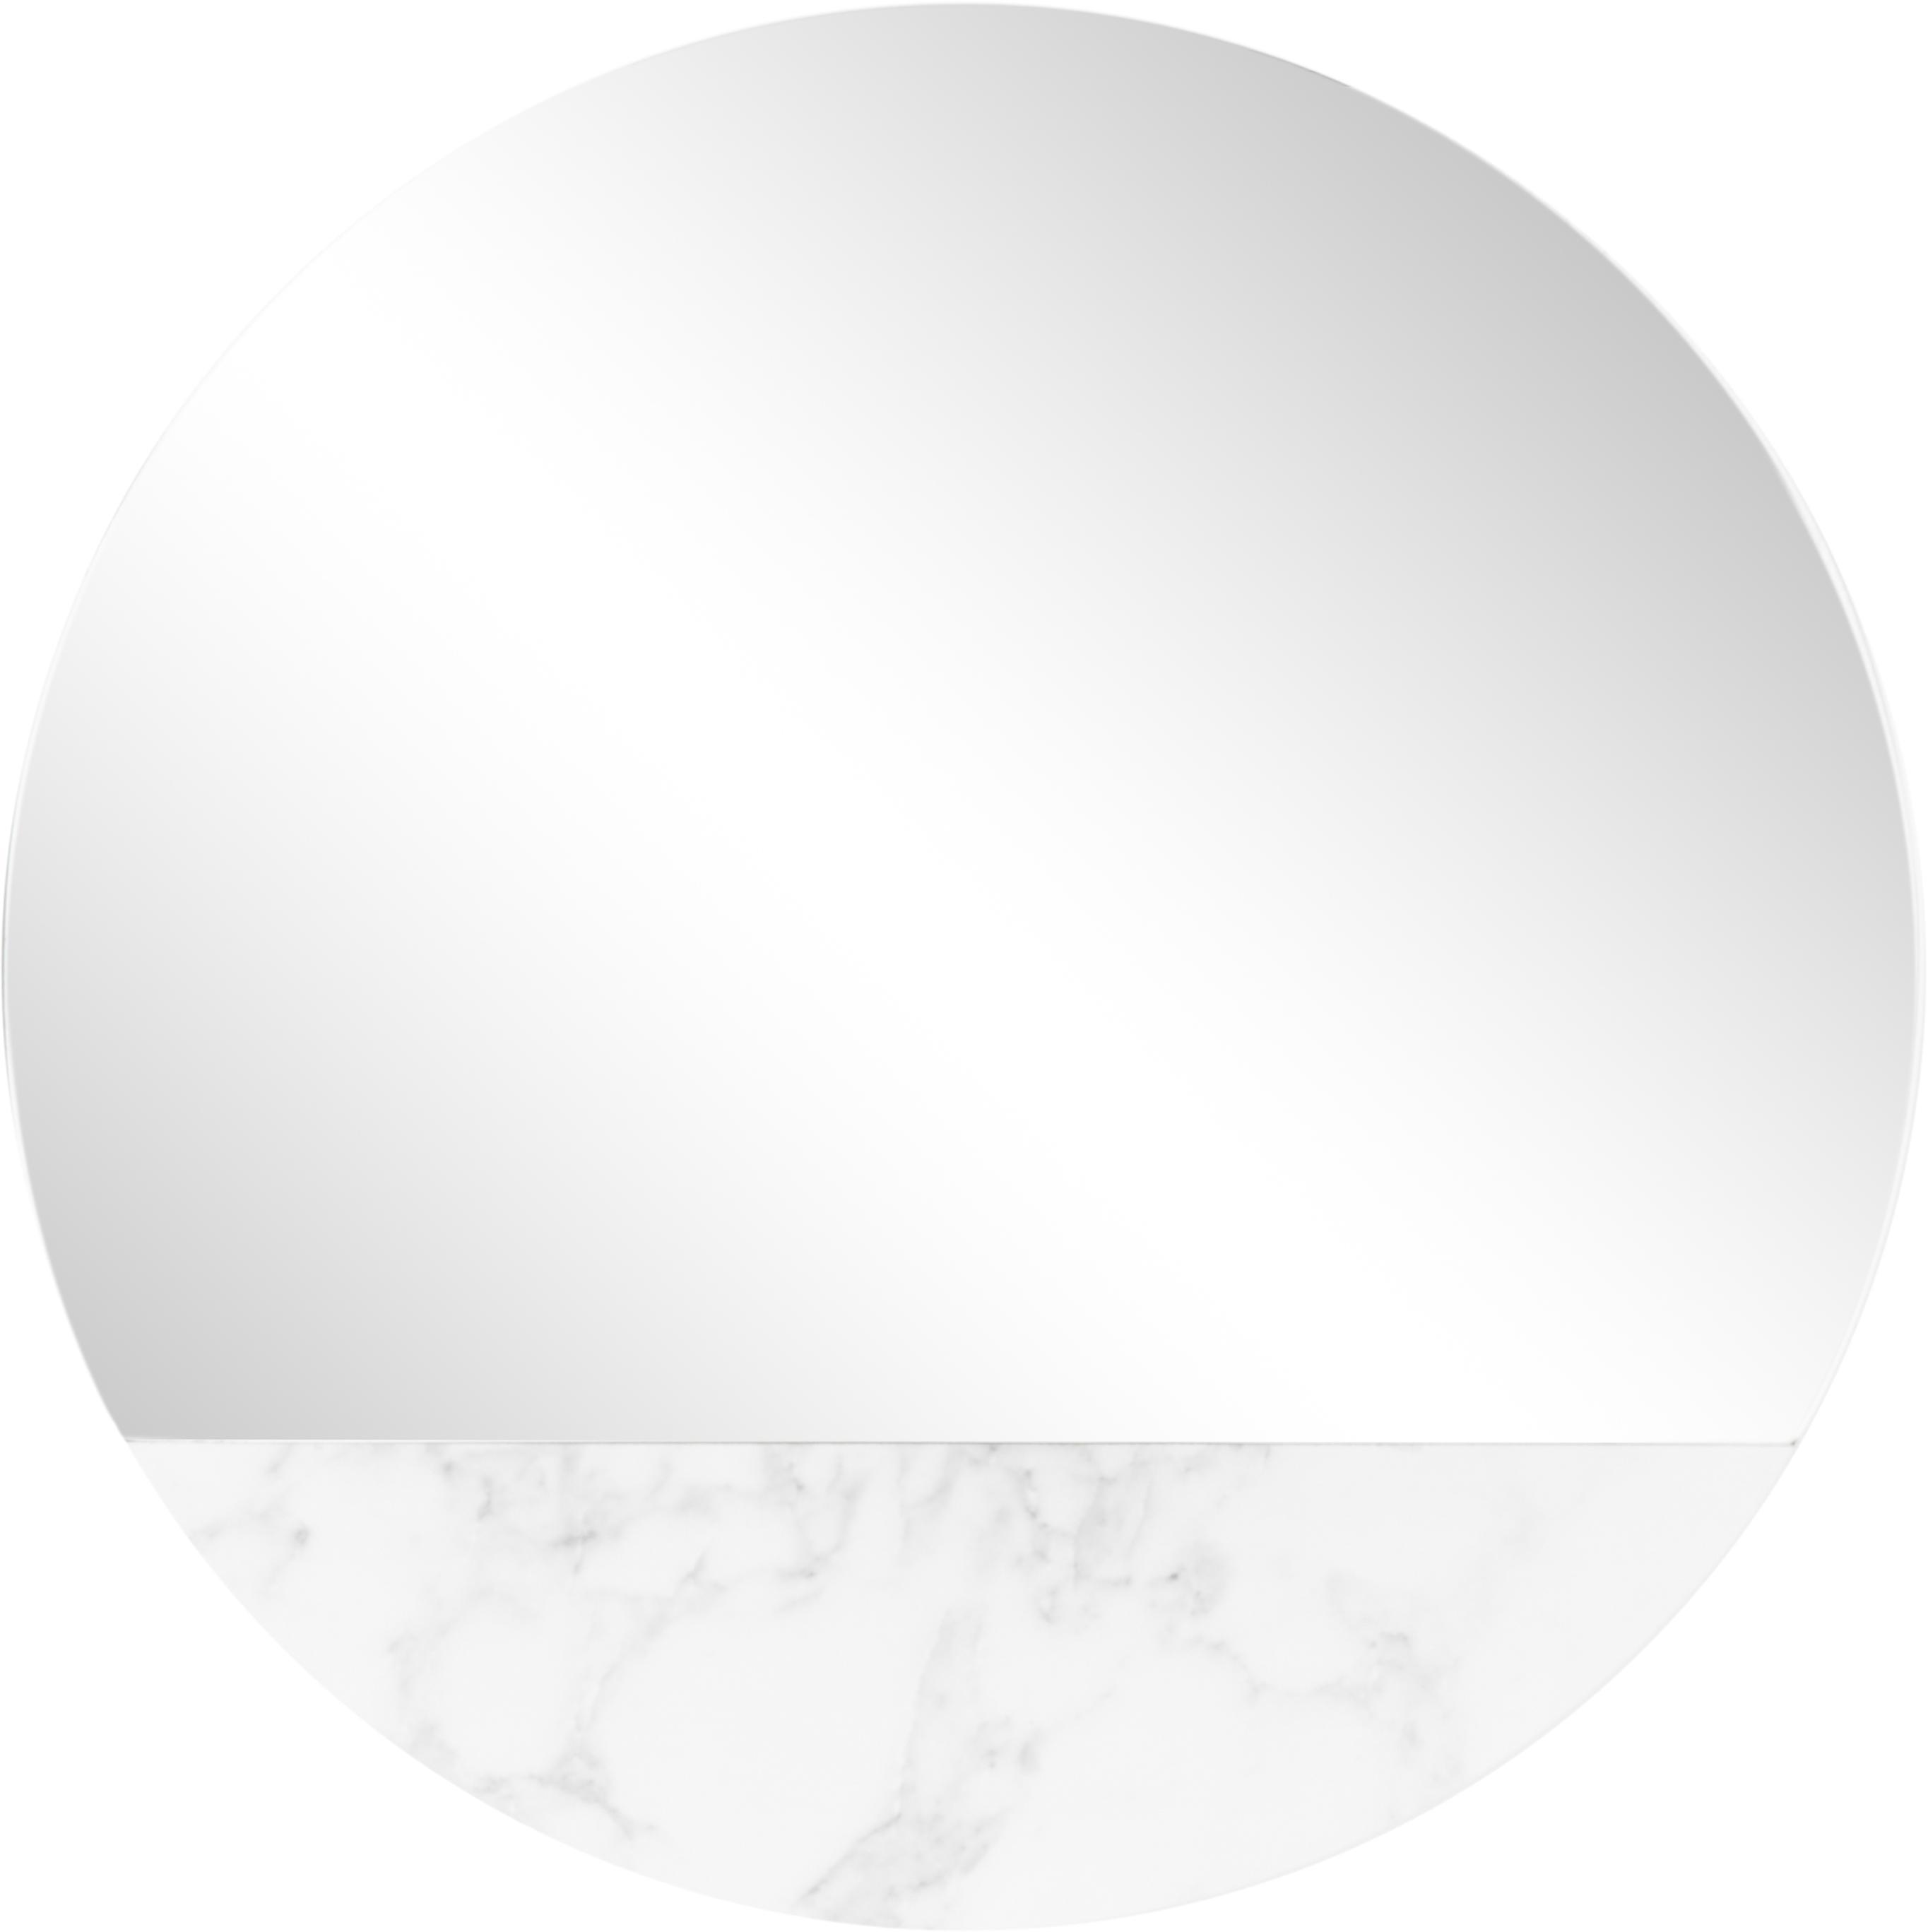 Runder Wandspiegel Stockholm in Marmoroptik, Rahmen: Melamin, Spiegelfläche: Spiegelglas, Rückseite: Mitteldichte Holzfaserpla, Weiß marmoriert, Ø 40 cm